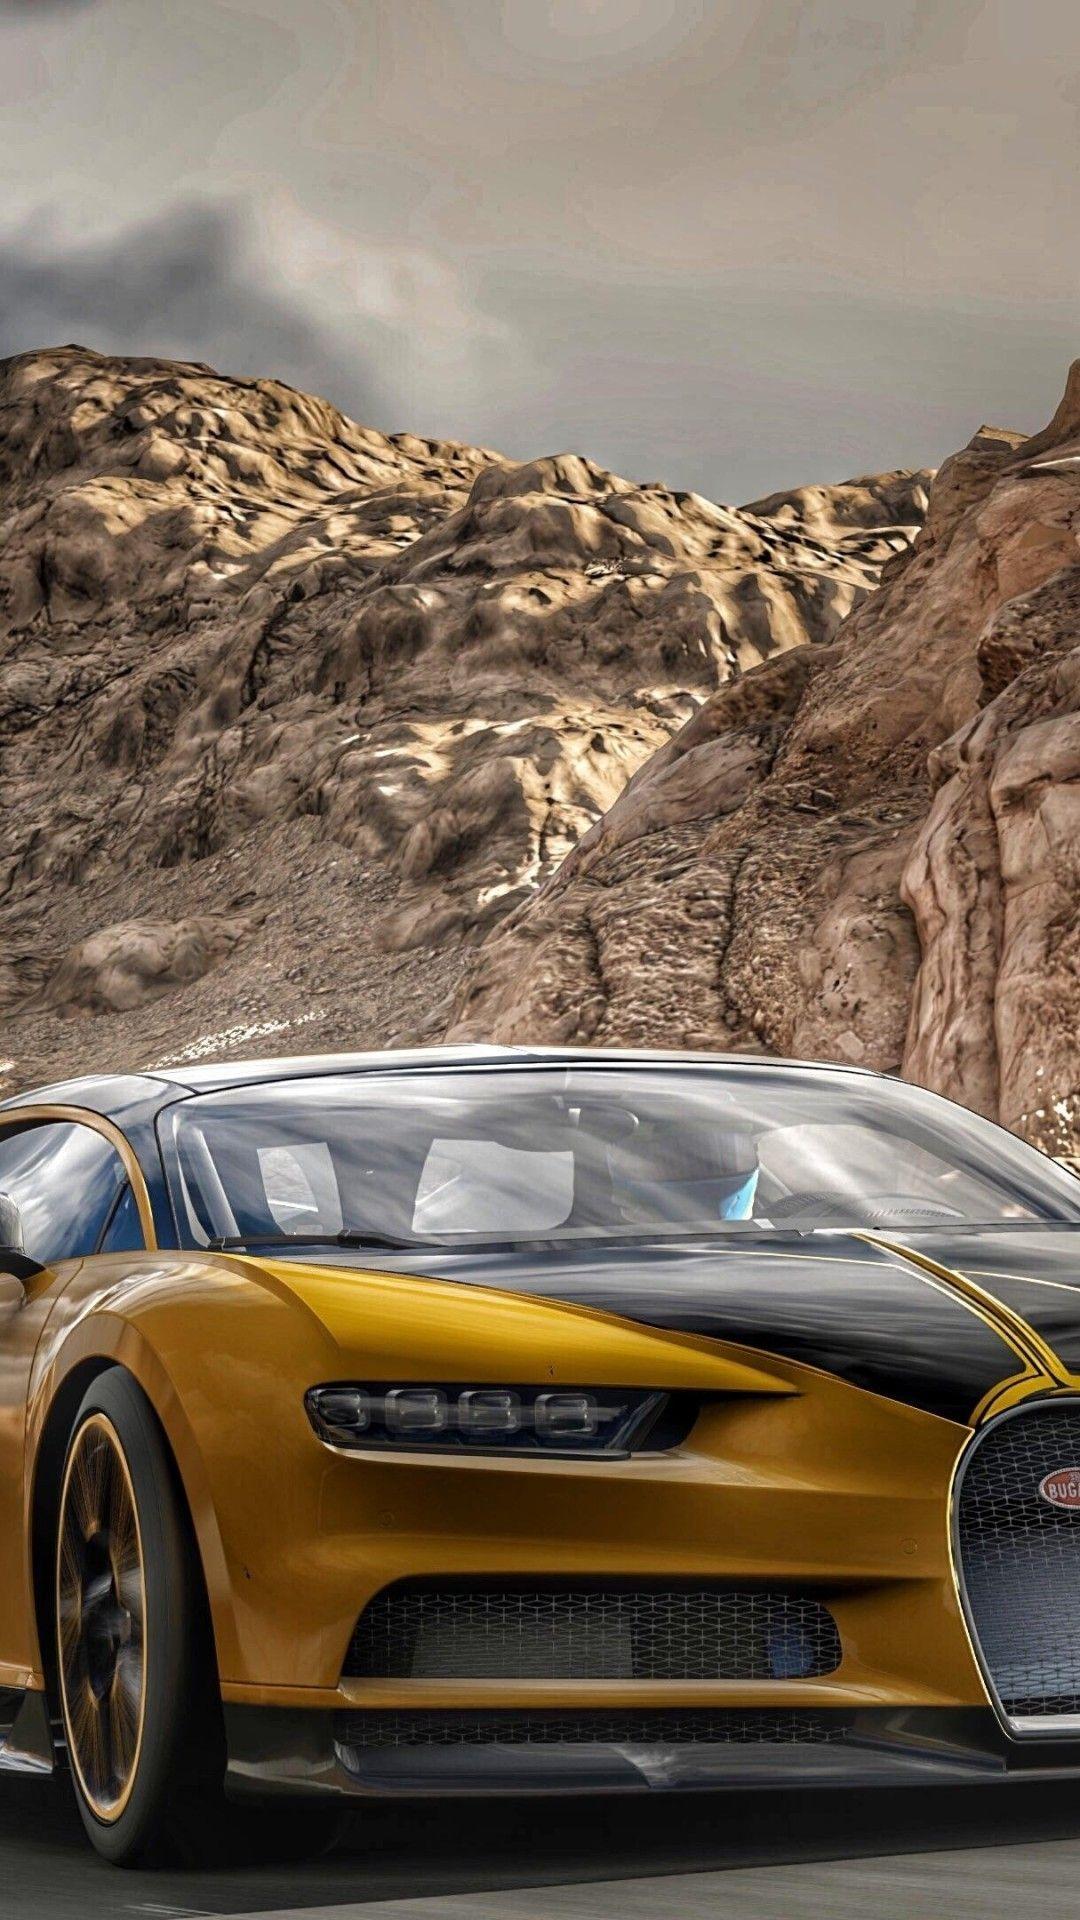 Forza Horizon 4 Bugatti Forza Horizon 4 Forza Horizon Forza